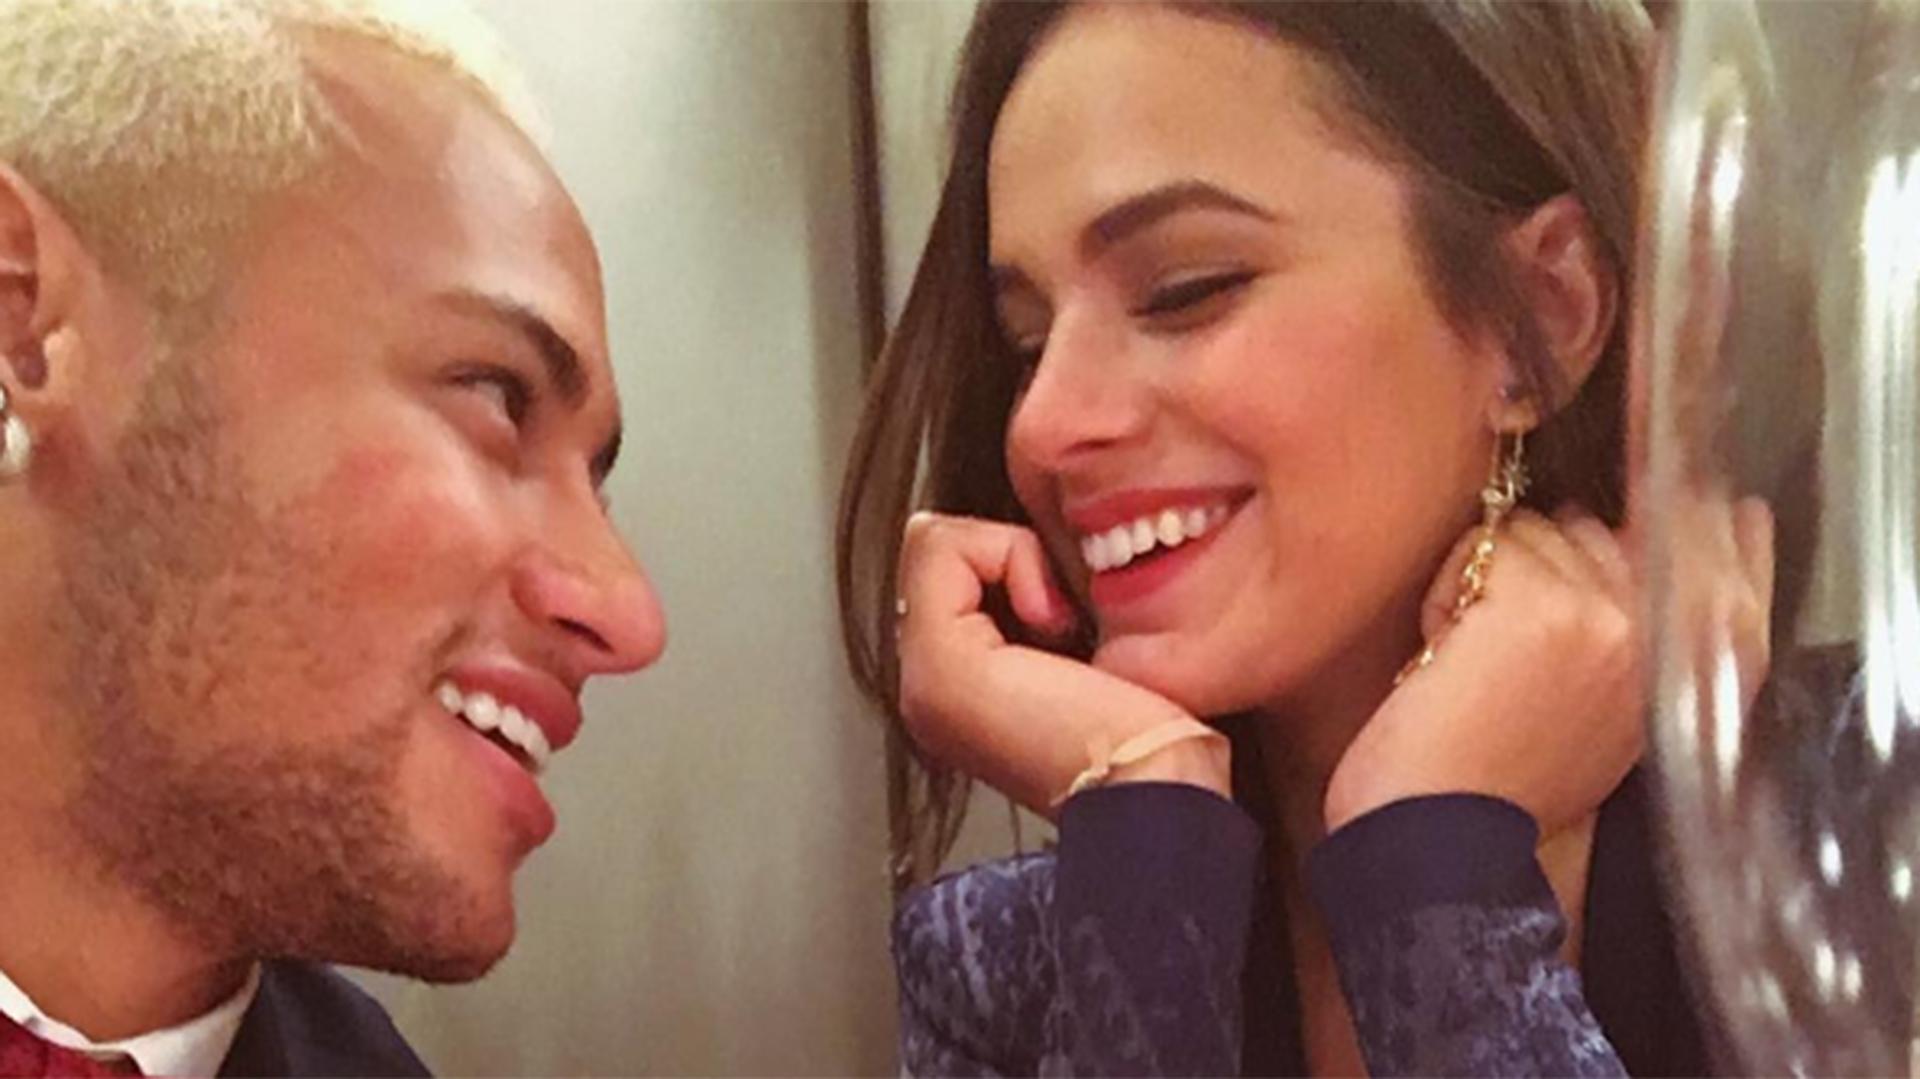 Neymary Bruna Marquezine comenzaron su noviazgo en 2013 y tuvieron varias peleas